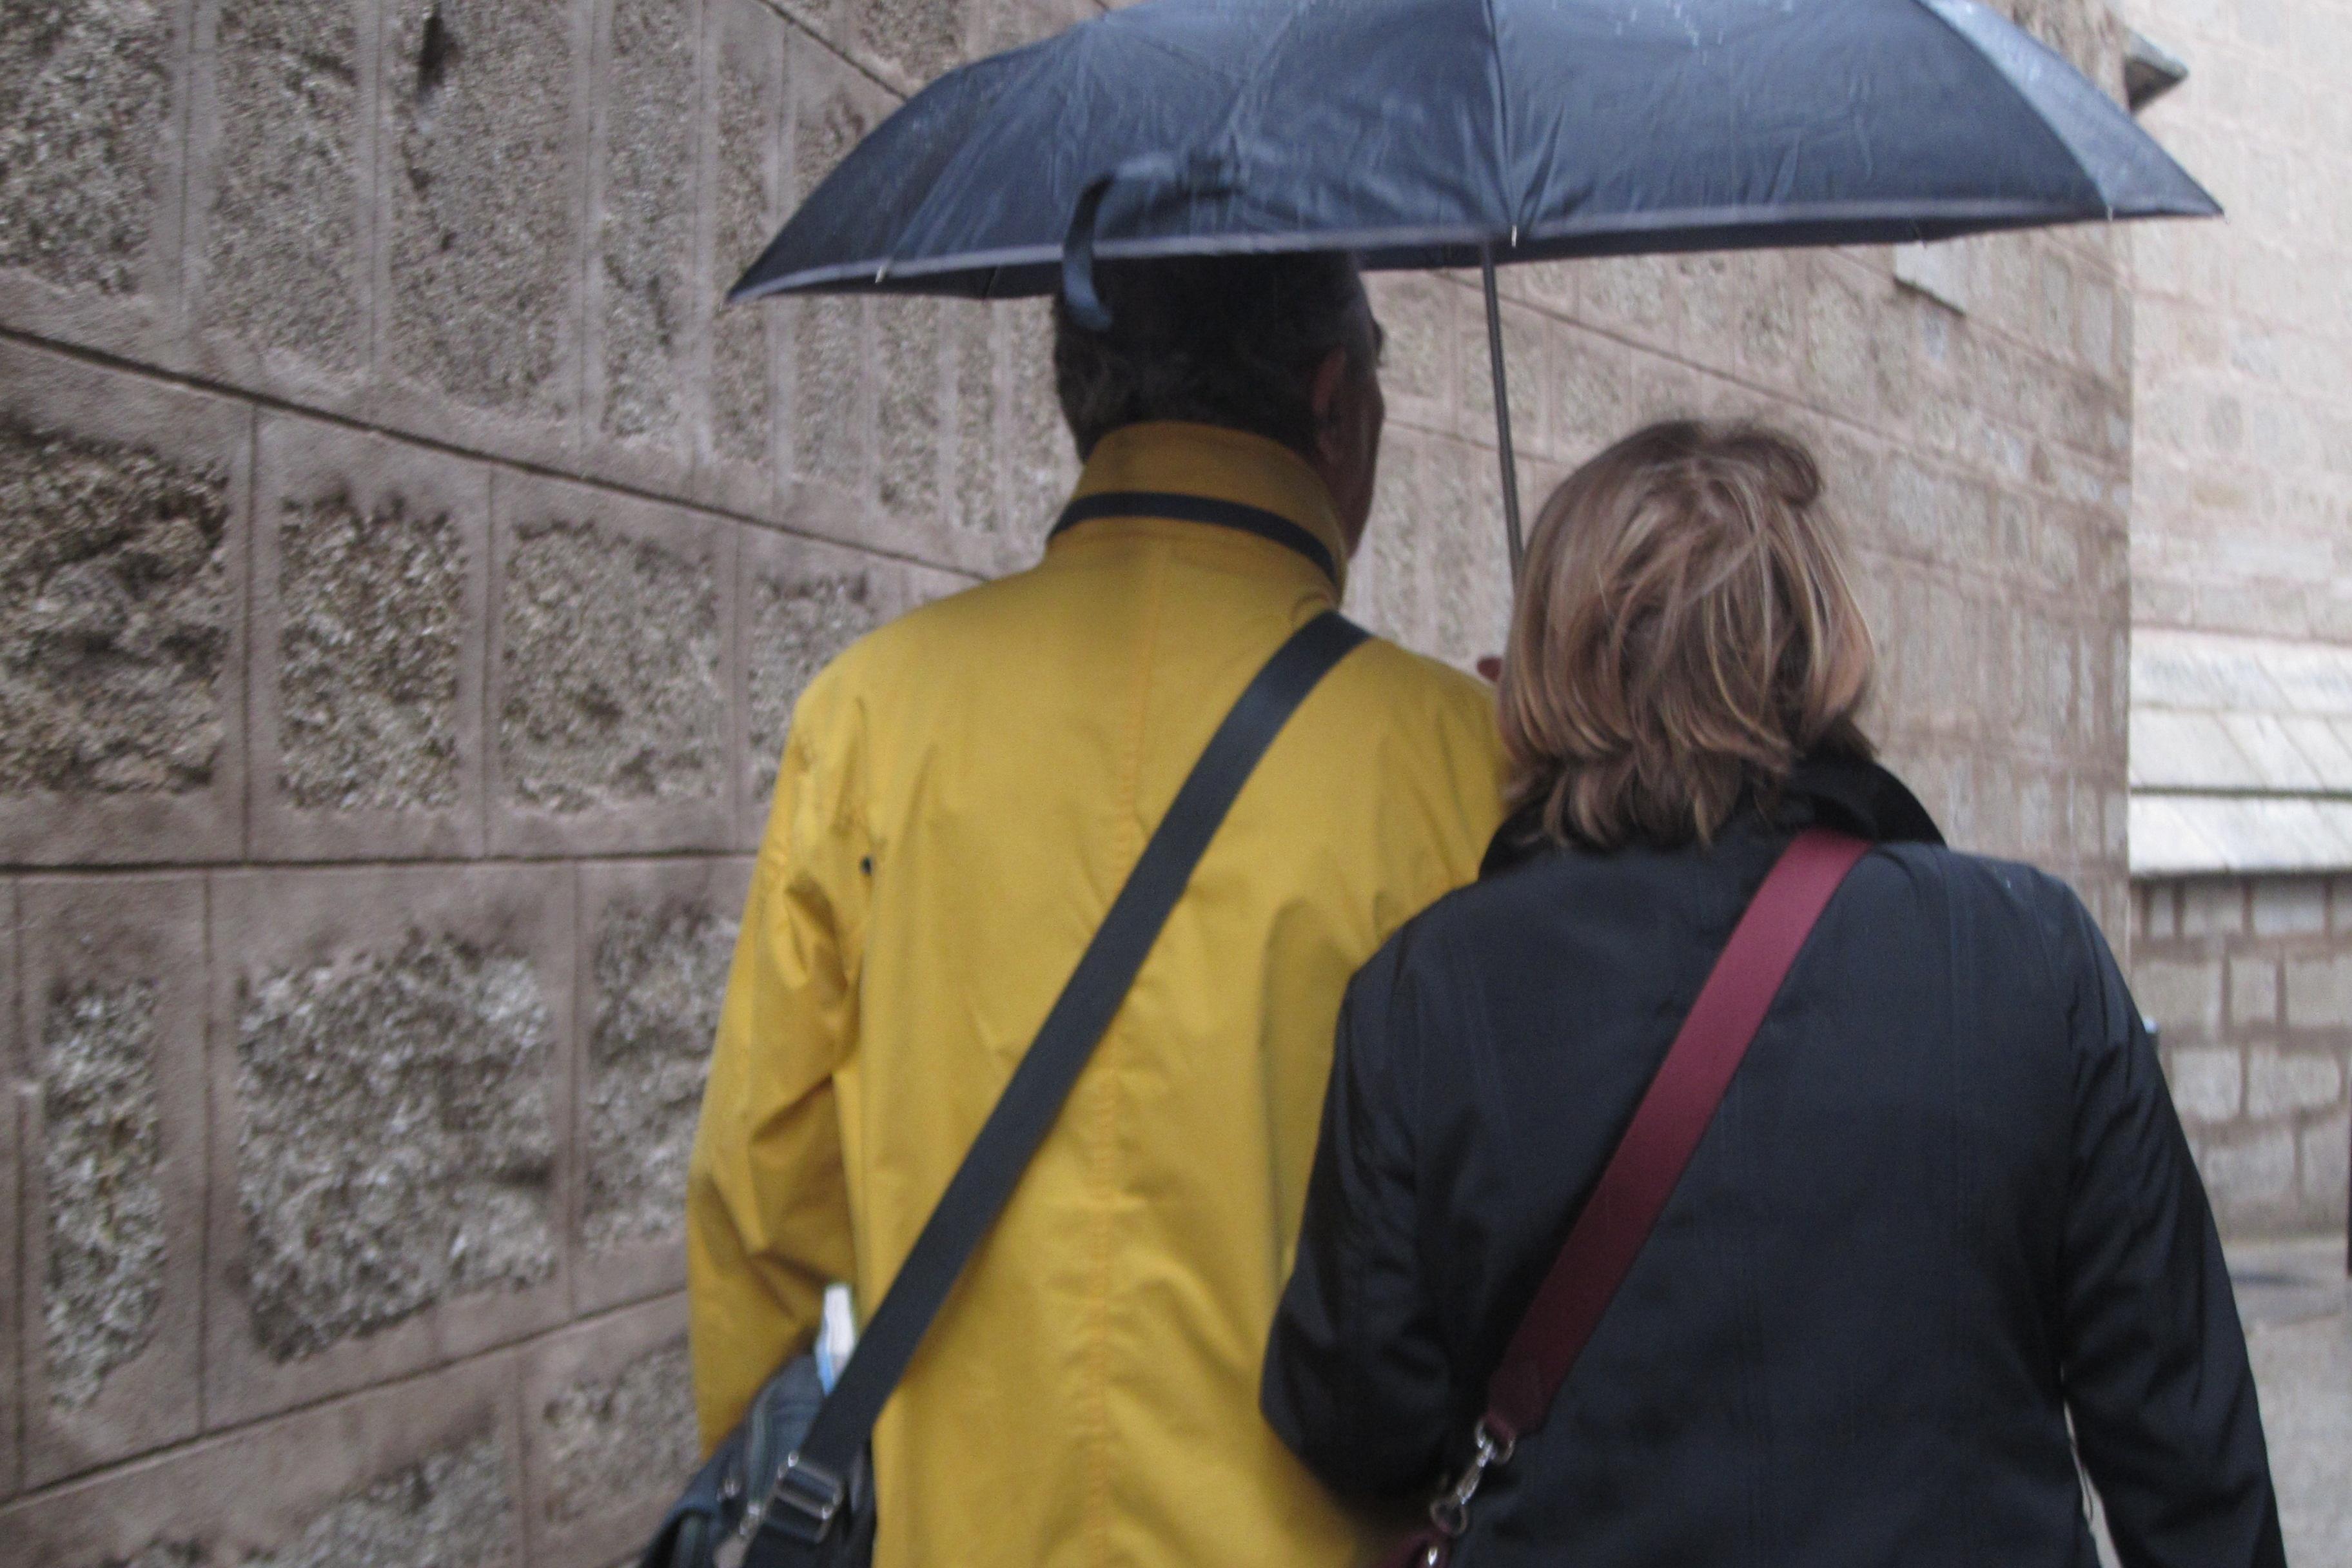 Las cinco provincias de Castilla-La Mancha estarán en alerta por lluvias este miércoles